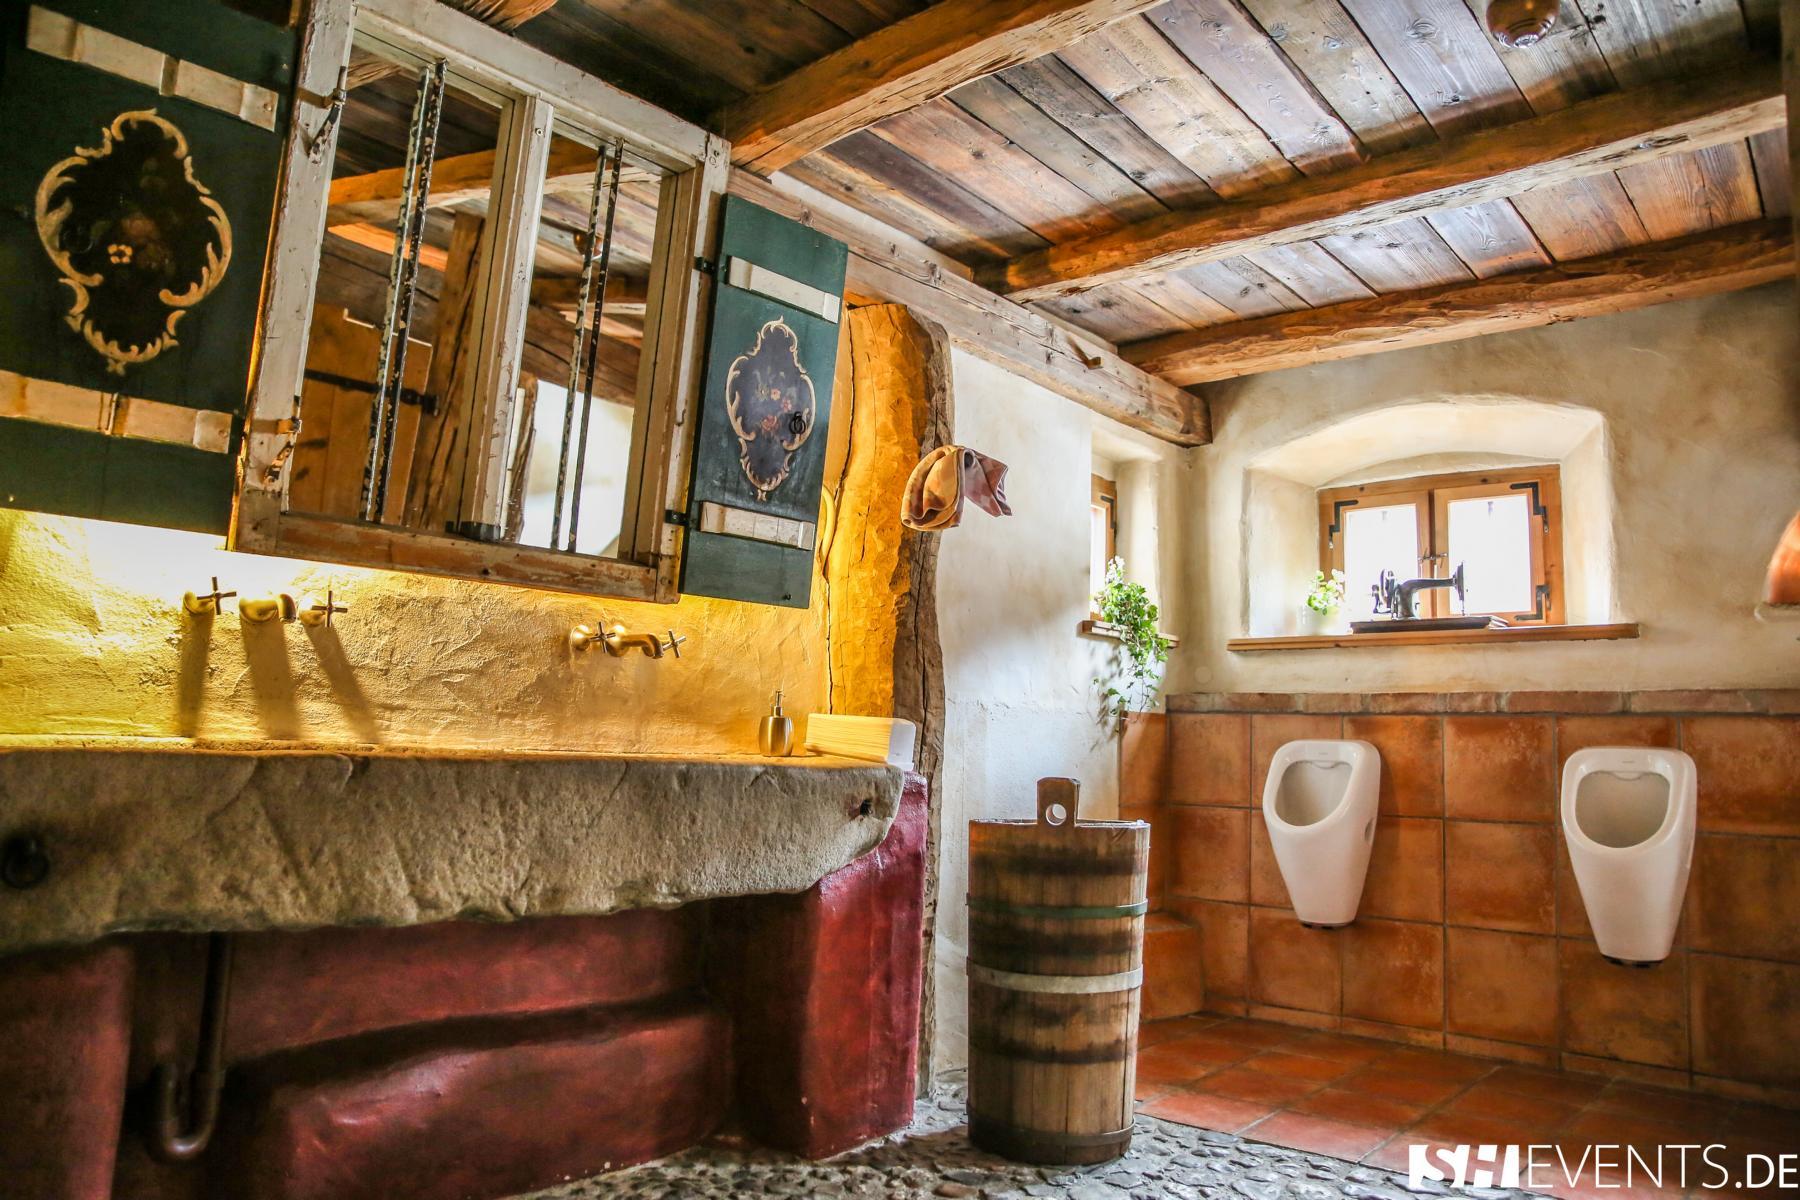 Herrentoilette Berg- und Bauernhaus